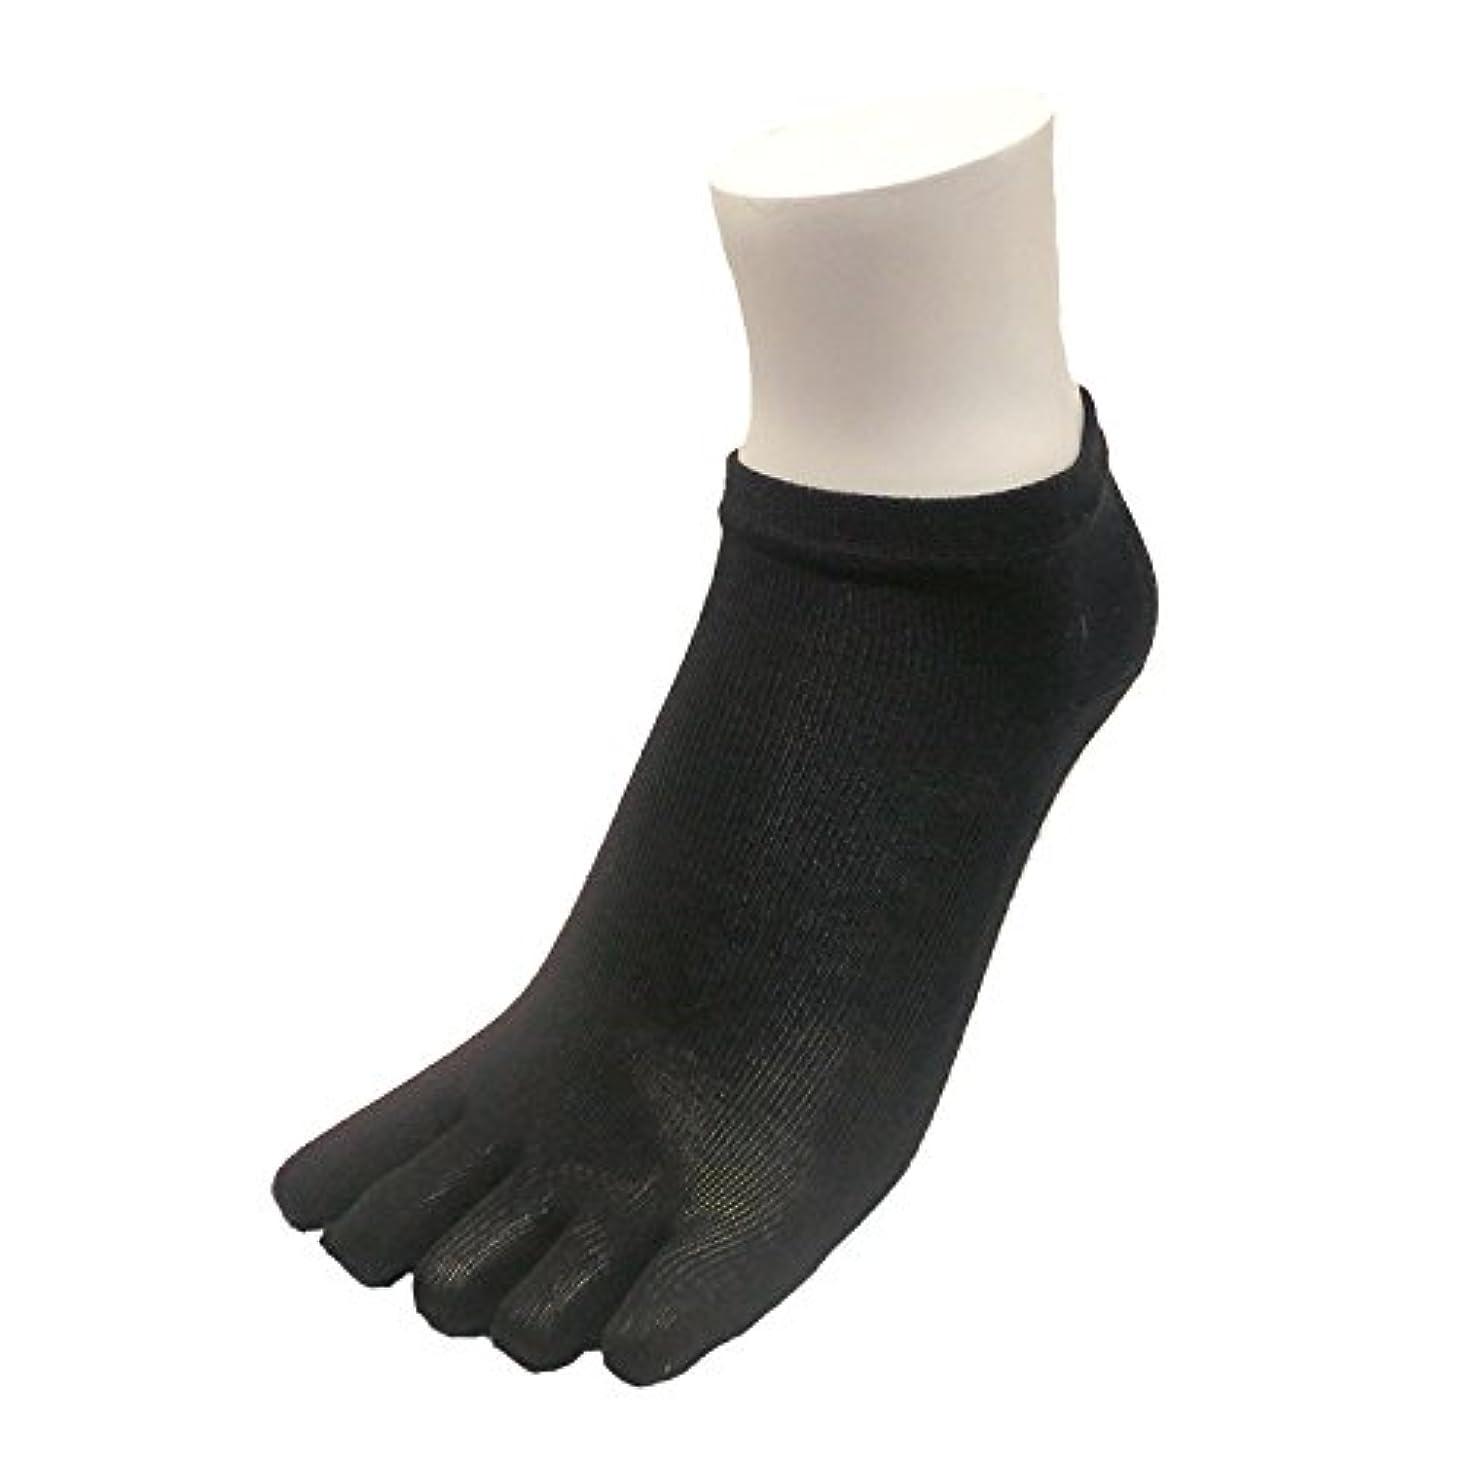 電気的一目スカーフシルク 五本指 ソックス 23-25cm 日本製 (ブラック3足セット)絹 靴下